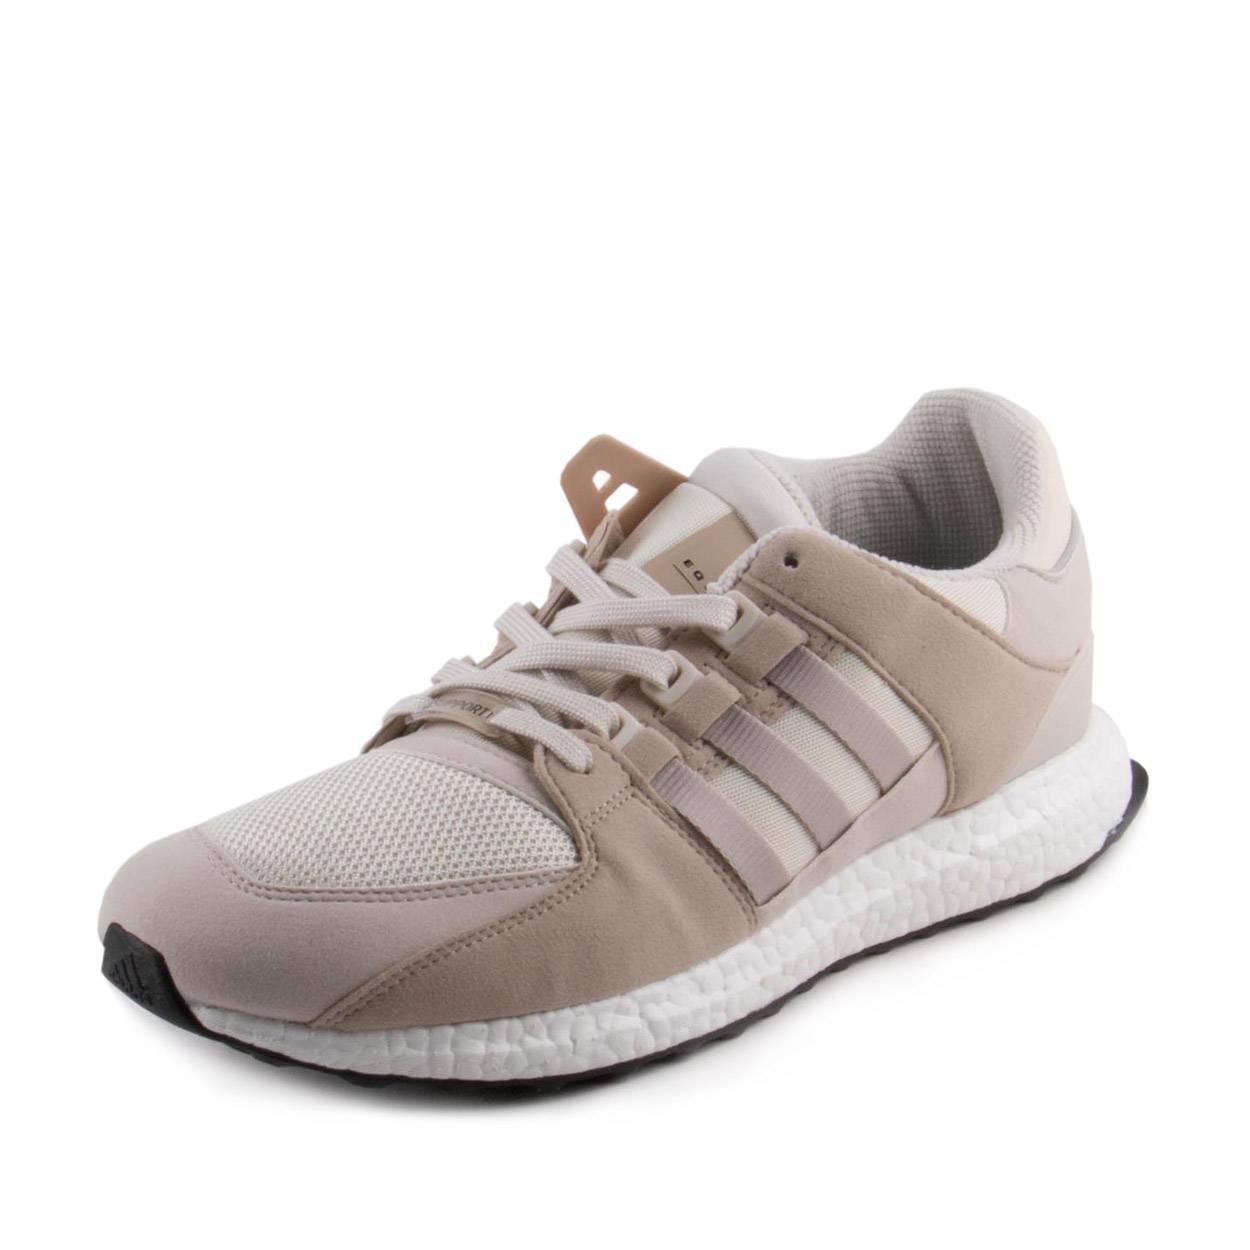 Adidas Uomo / eqt sostegno ultra marrone / Uomo bianco bb1239 62a07a